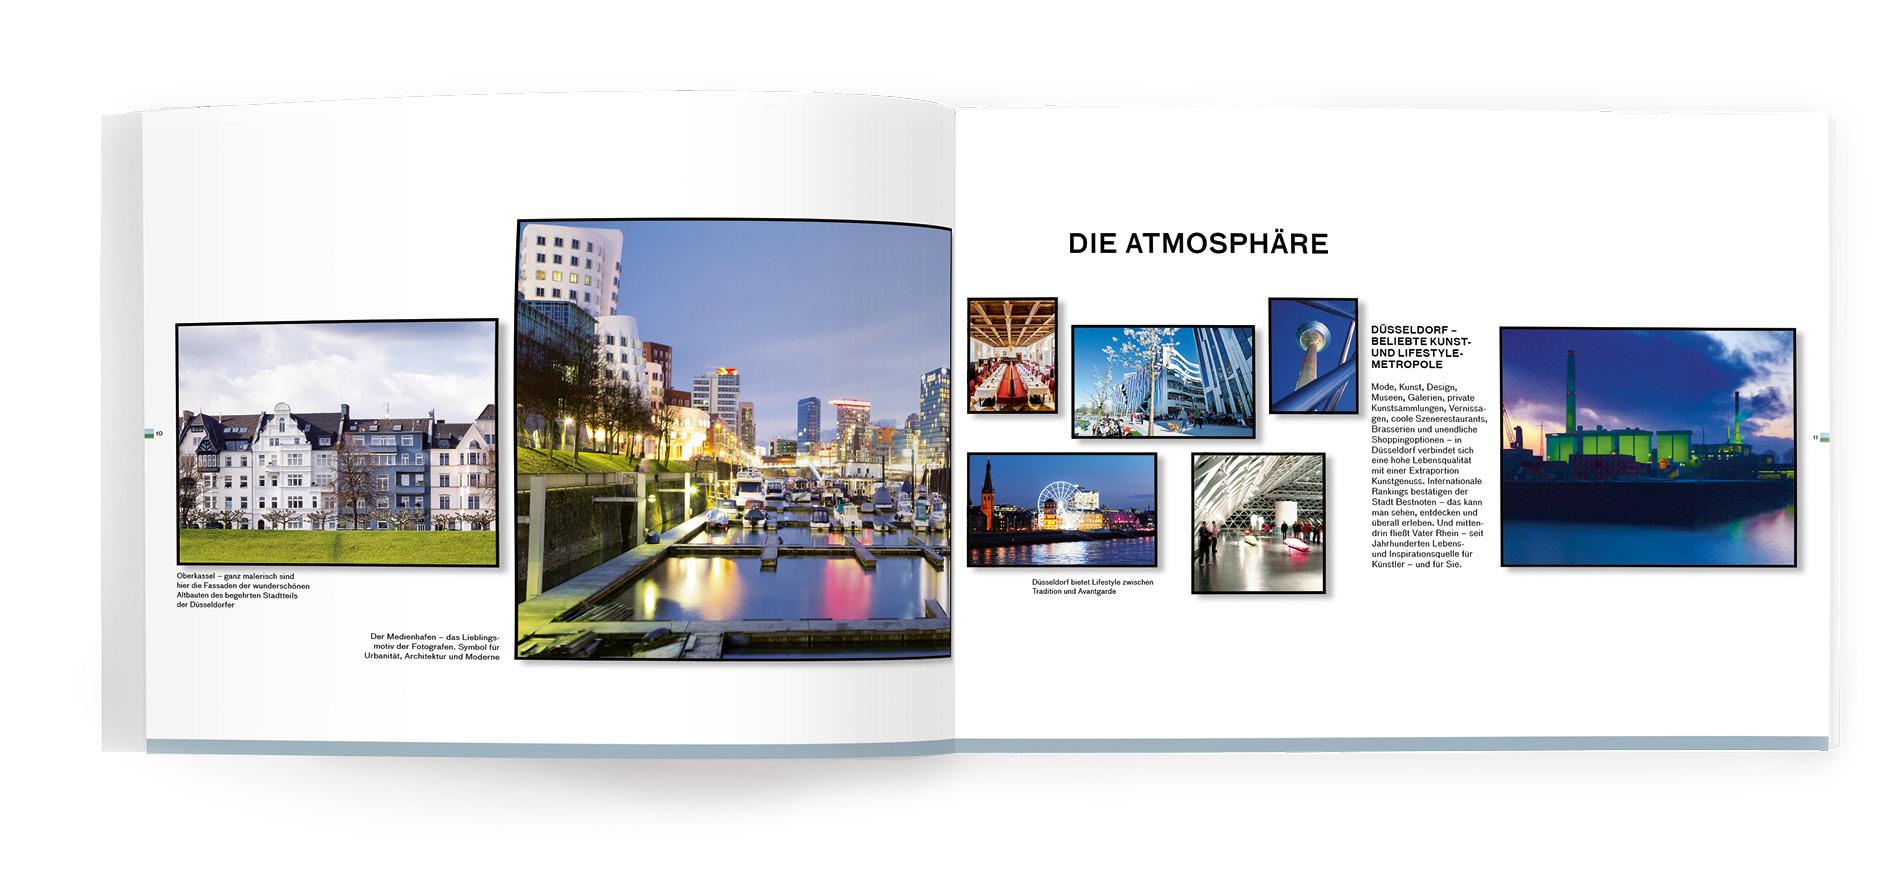 Innenseiten Vermarktungsexposé für das Standortmarketingkonzept für das Wohnquartier Rhein VII in Düsseldorf